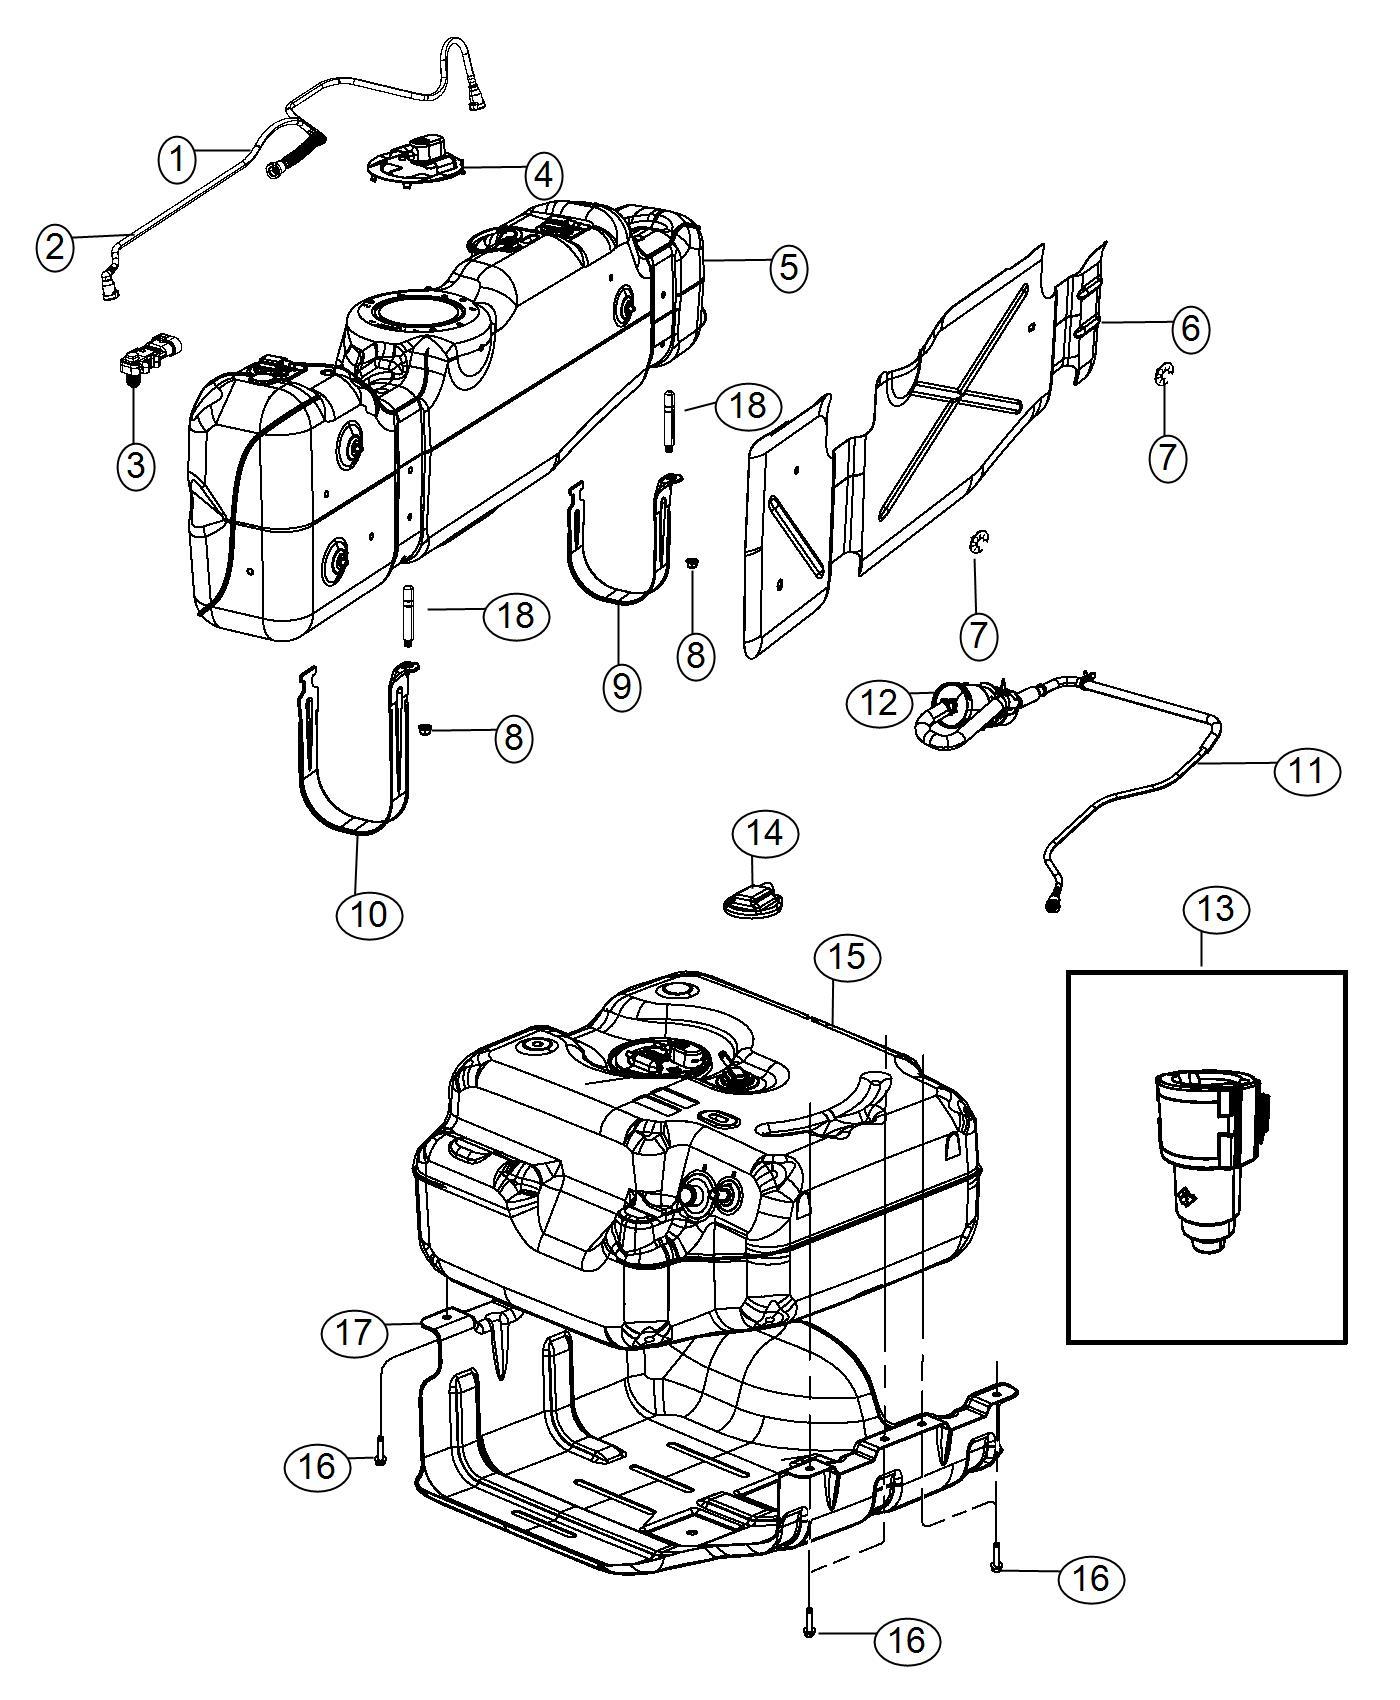 Ram Cap Fuel Pump Gallon Tank That